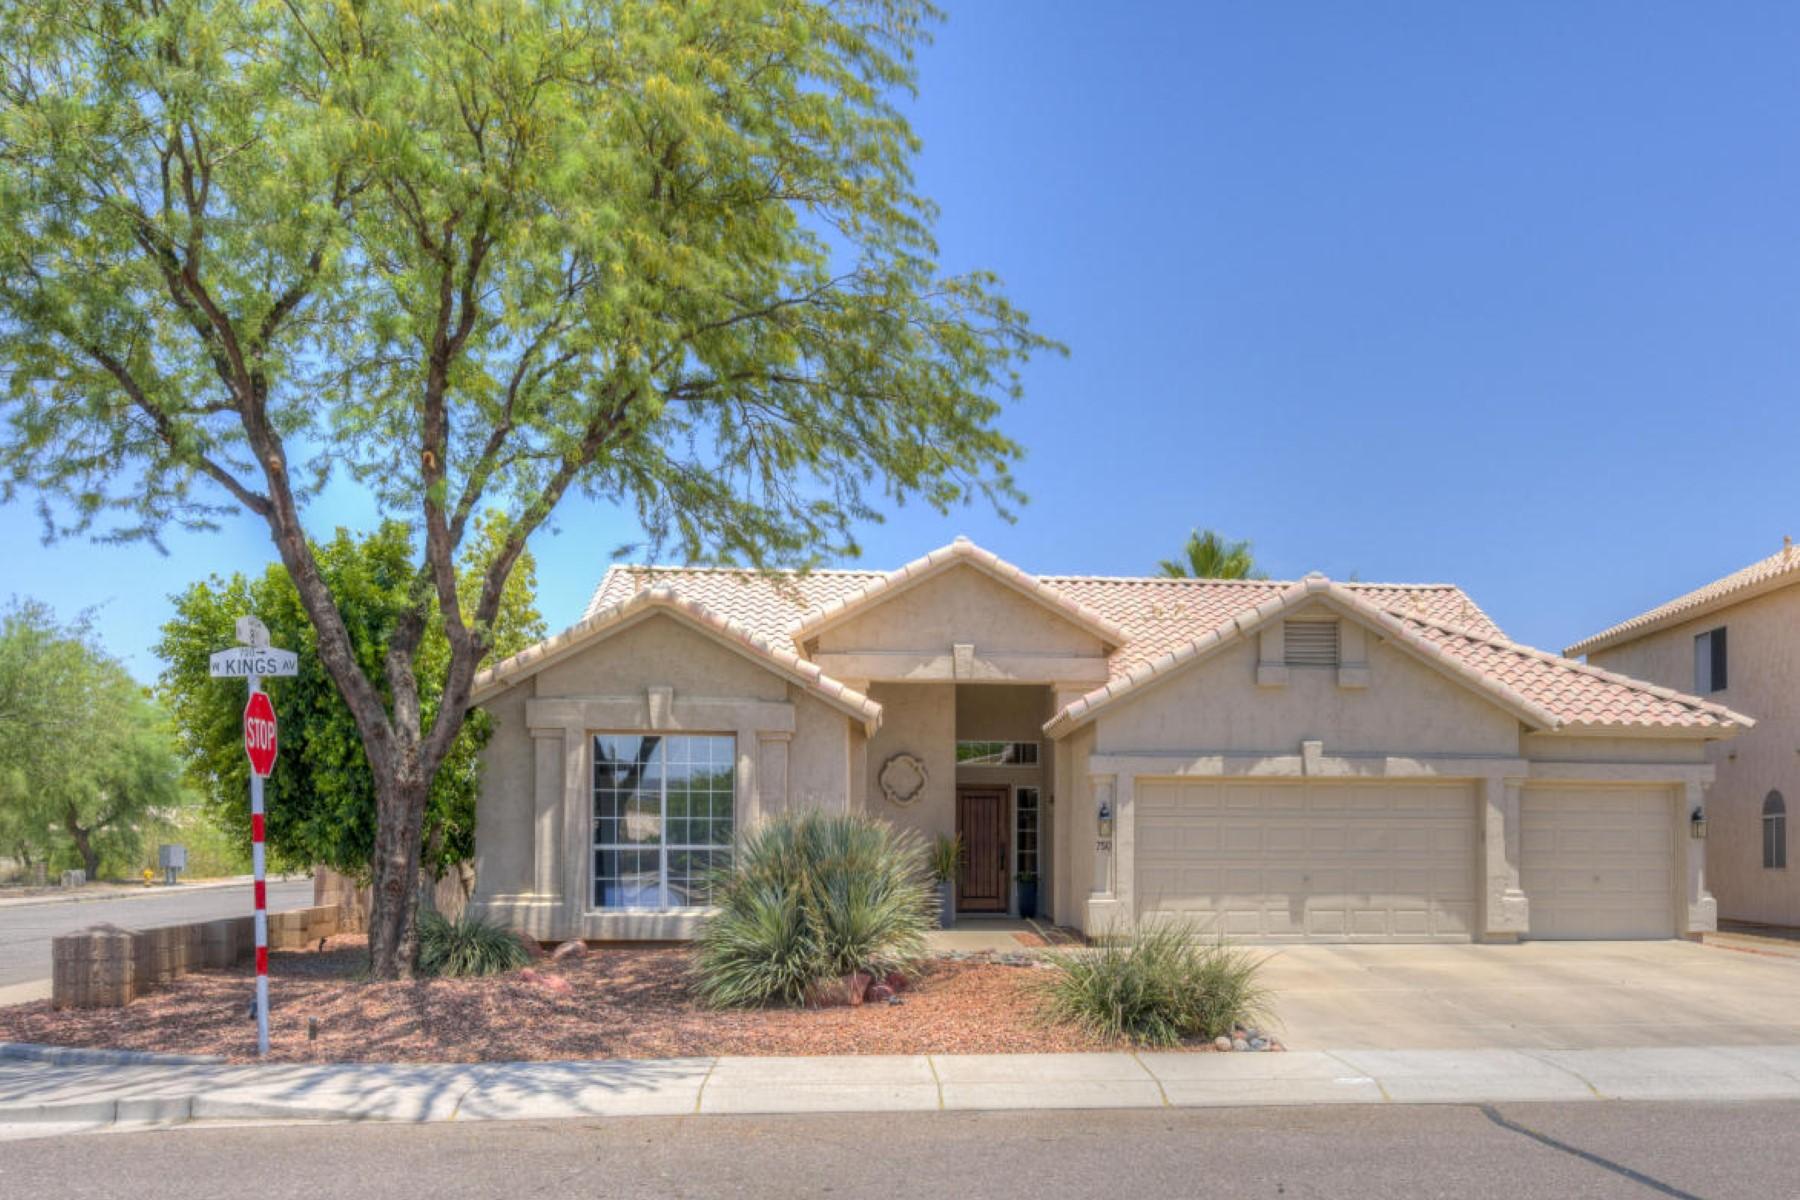 Частный односемейный дом для того Продажа на Immaculate home on a quiet corner lot 750 W Kings Ave Phoenix, Аризона, 85023 Соединенные Штаты